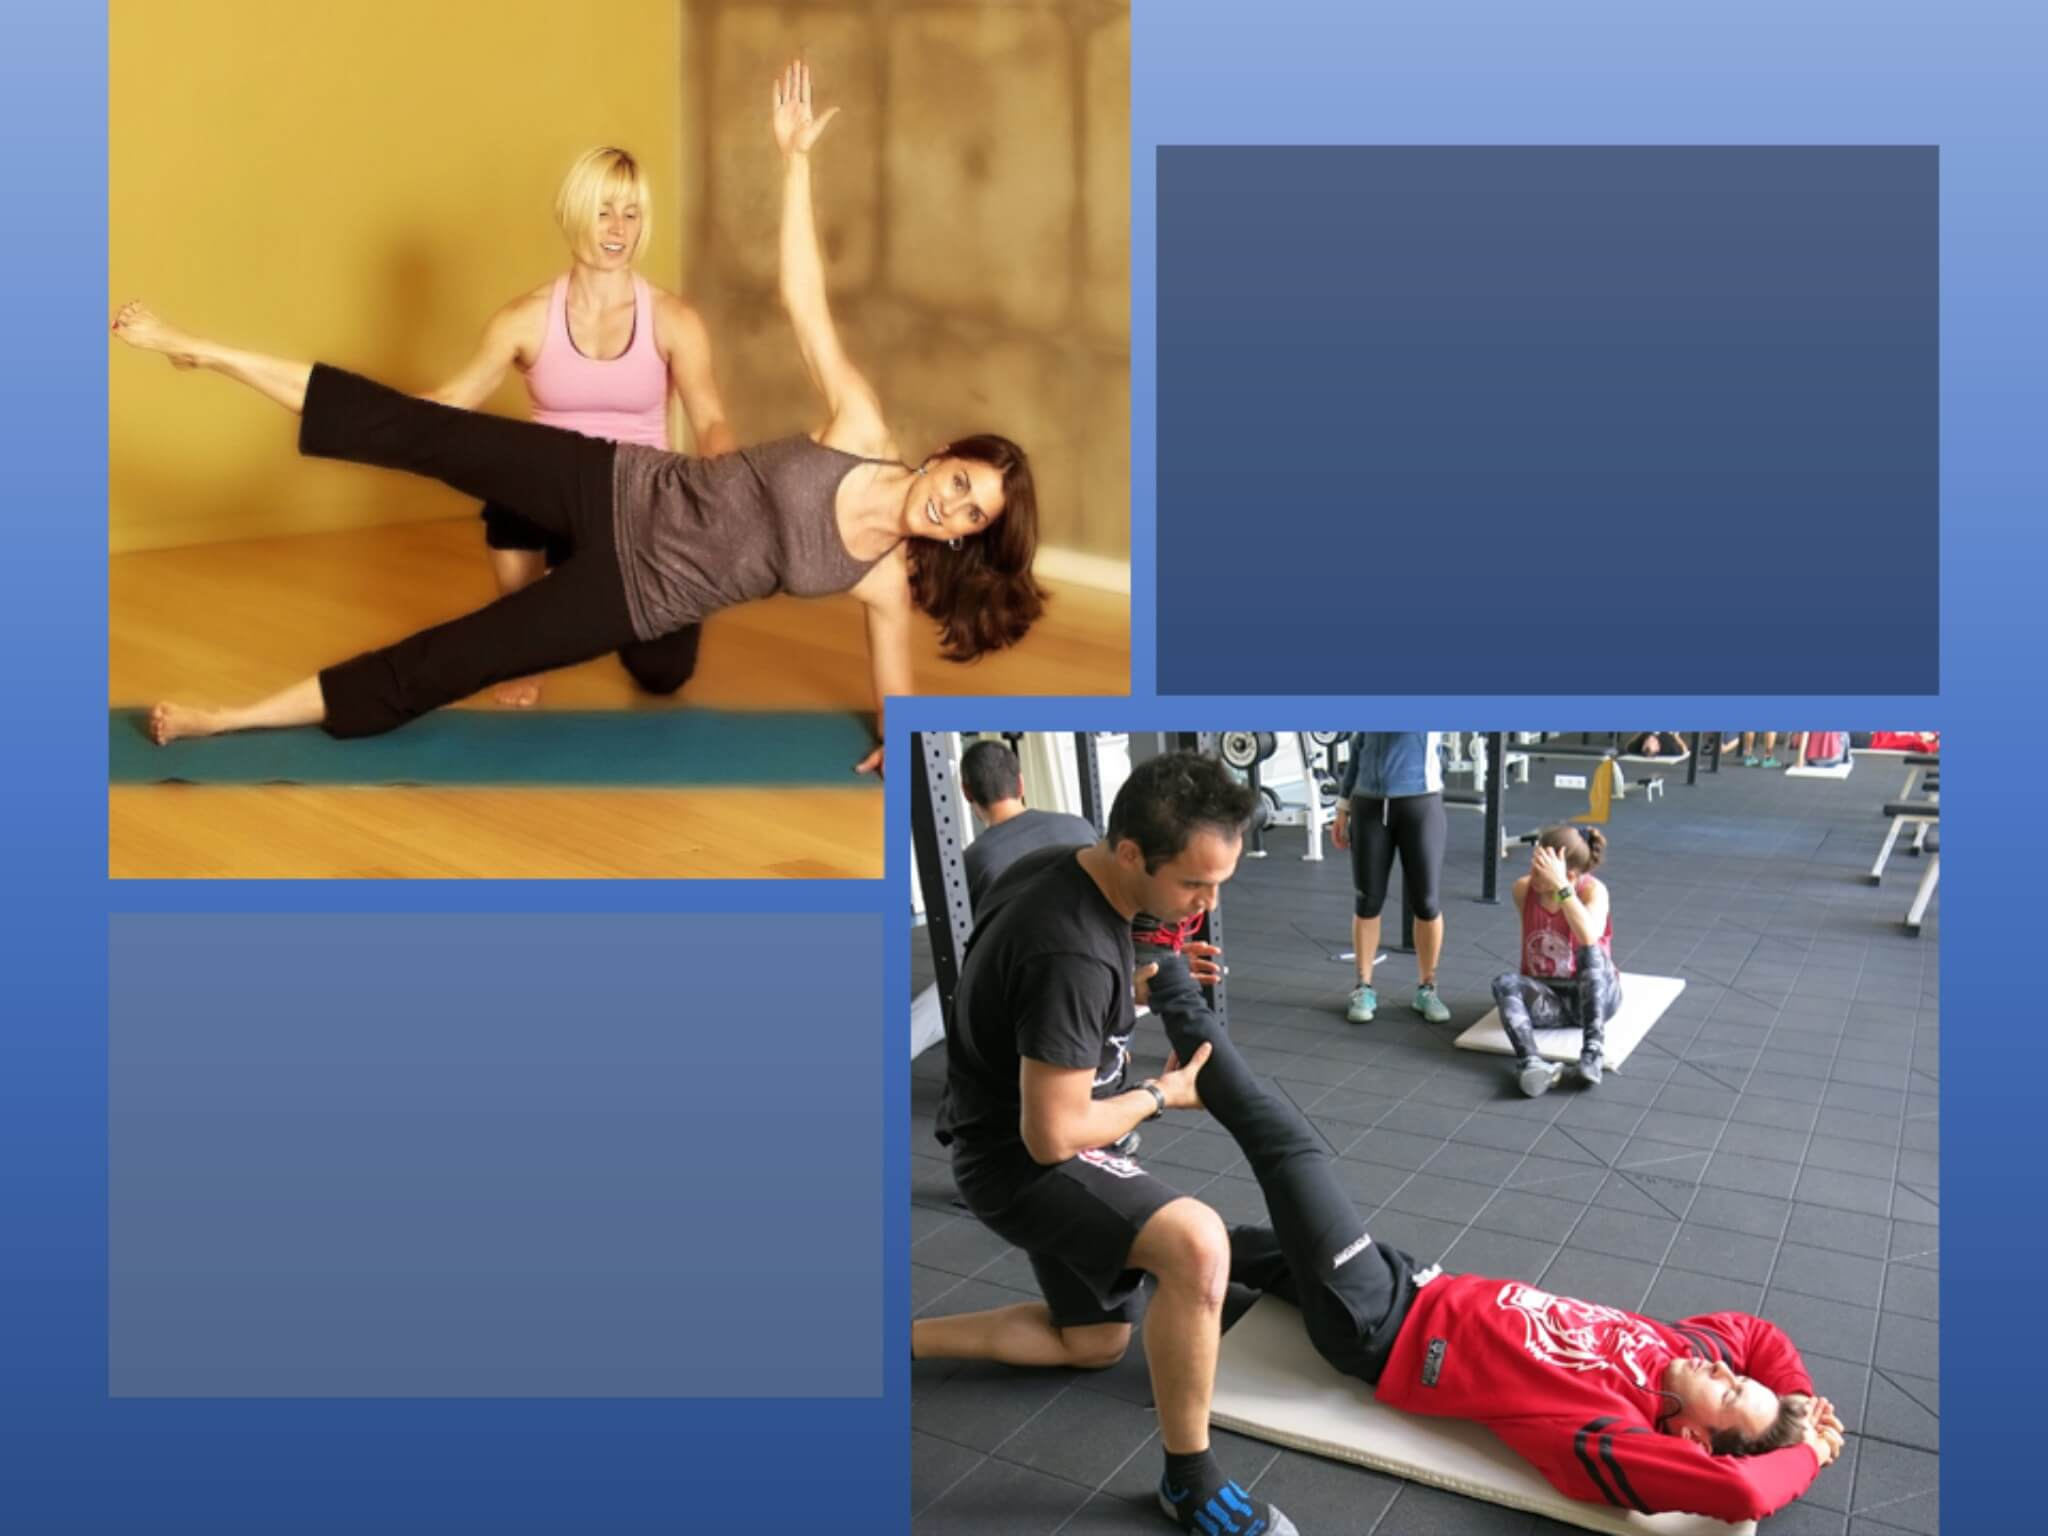 Corsi per diventare personal trainer: la guida riassuntiva